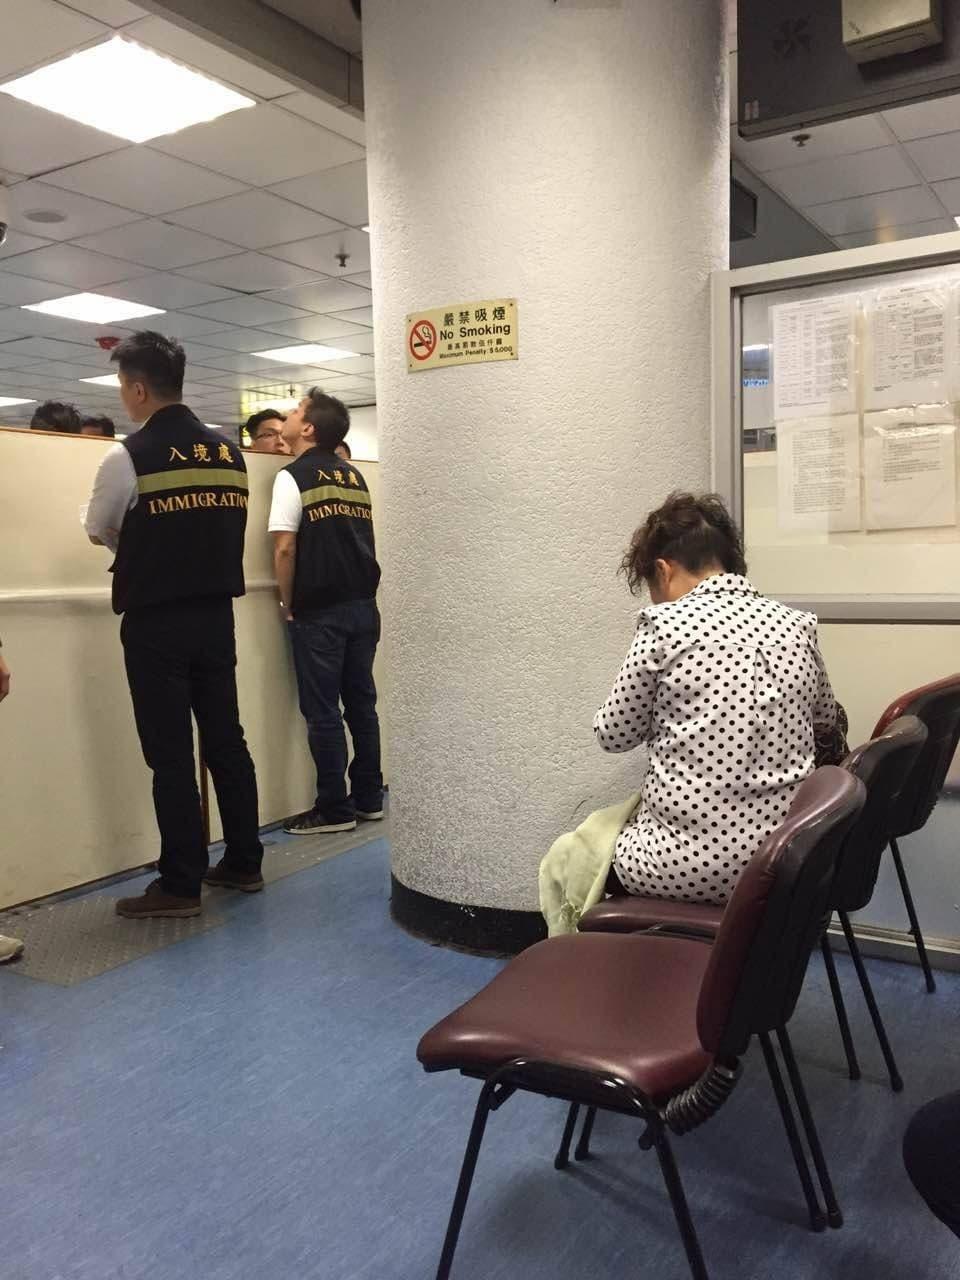 昨晚已有數名小業主被拒入境(圖片由小業主提供)